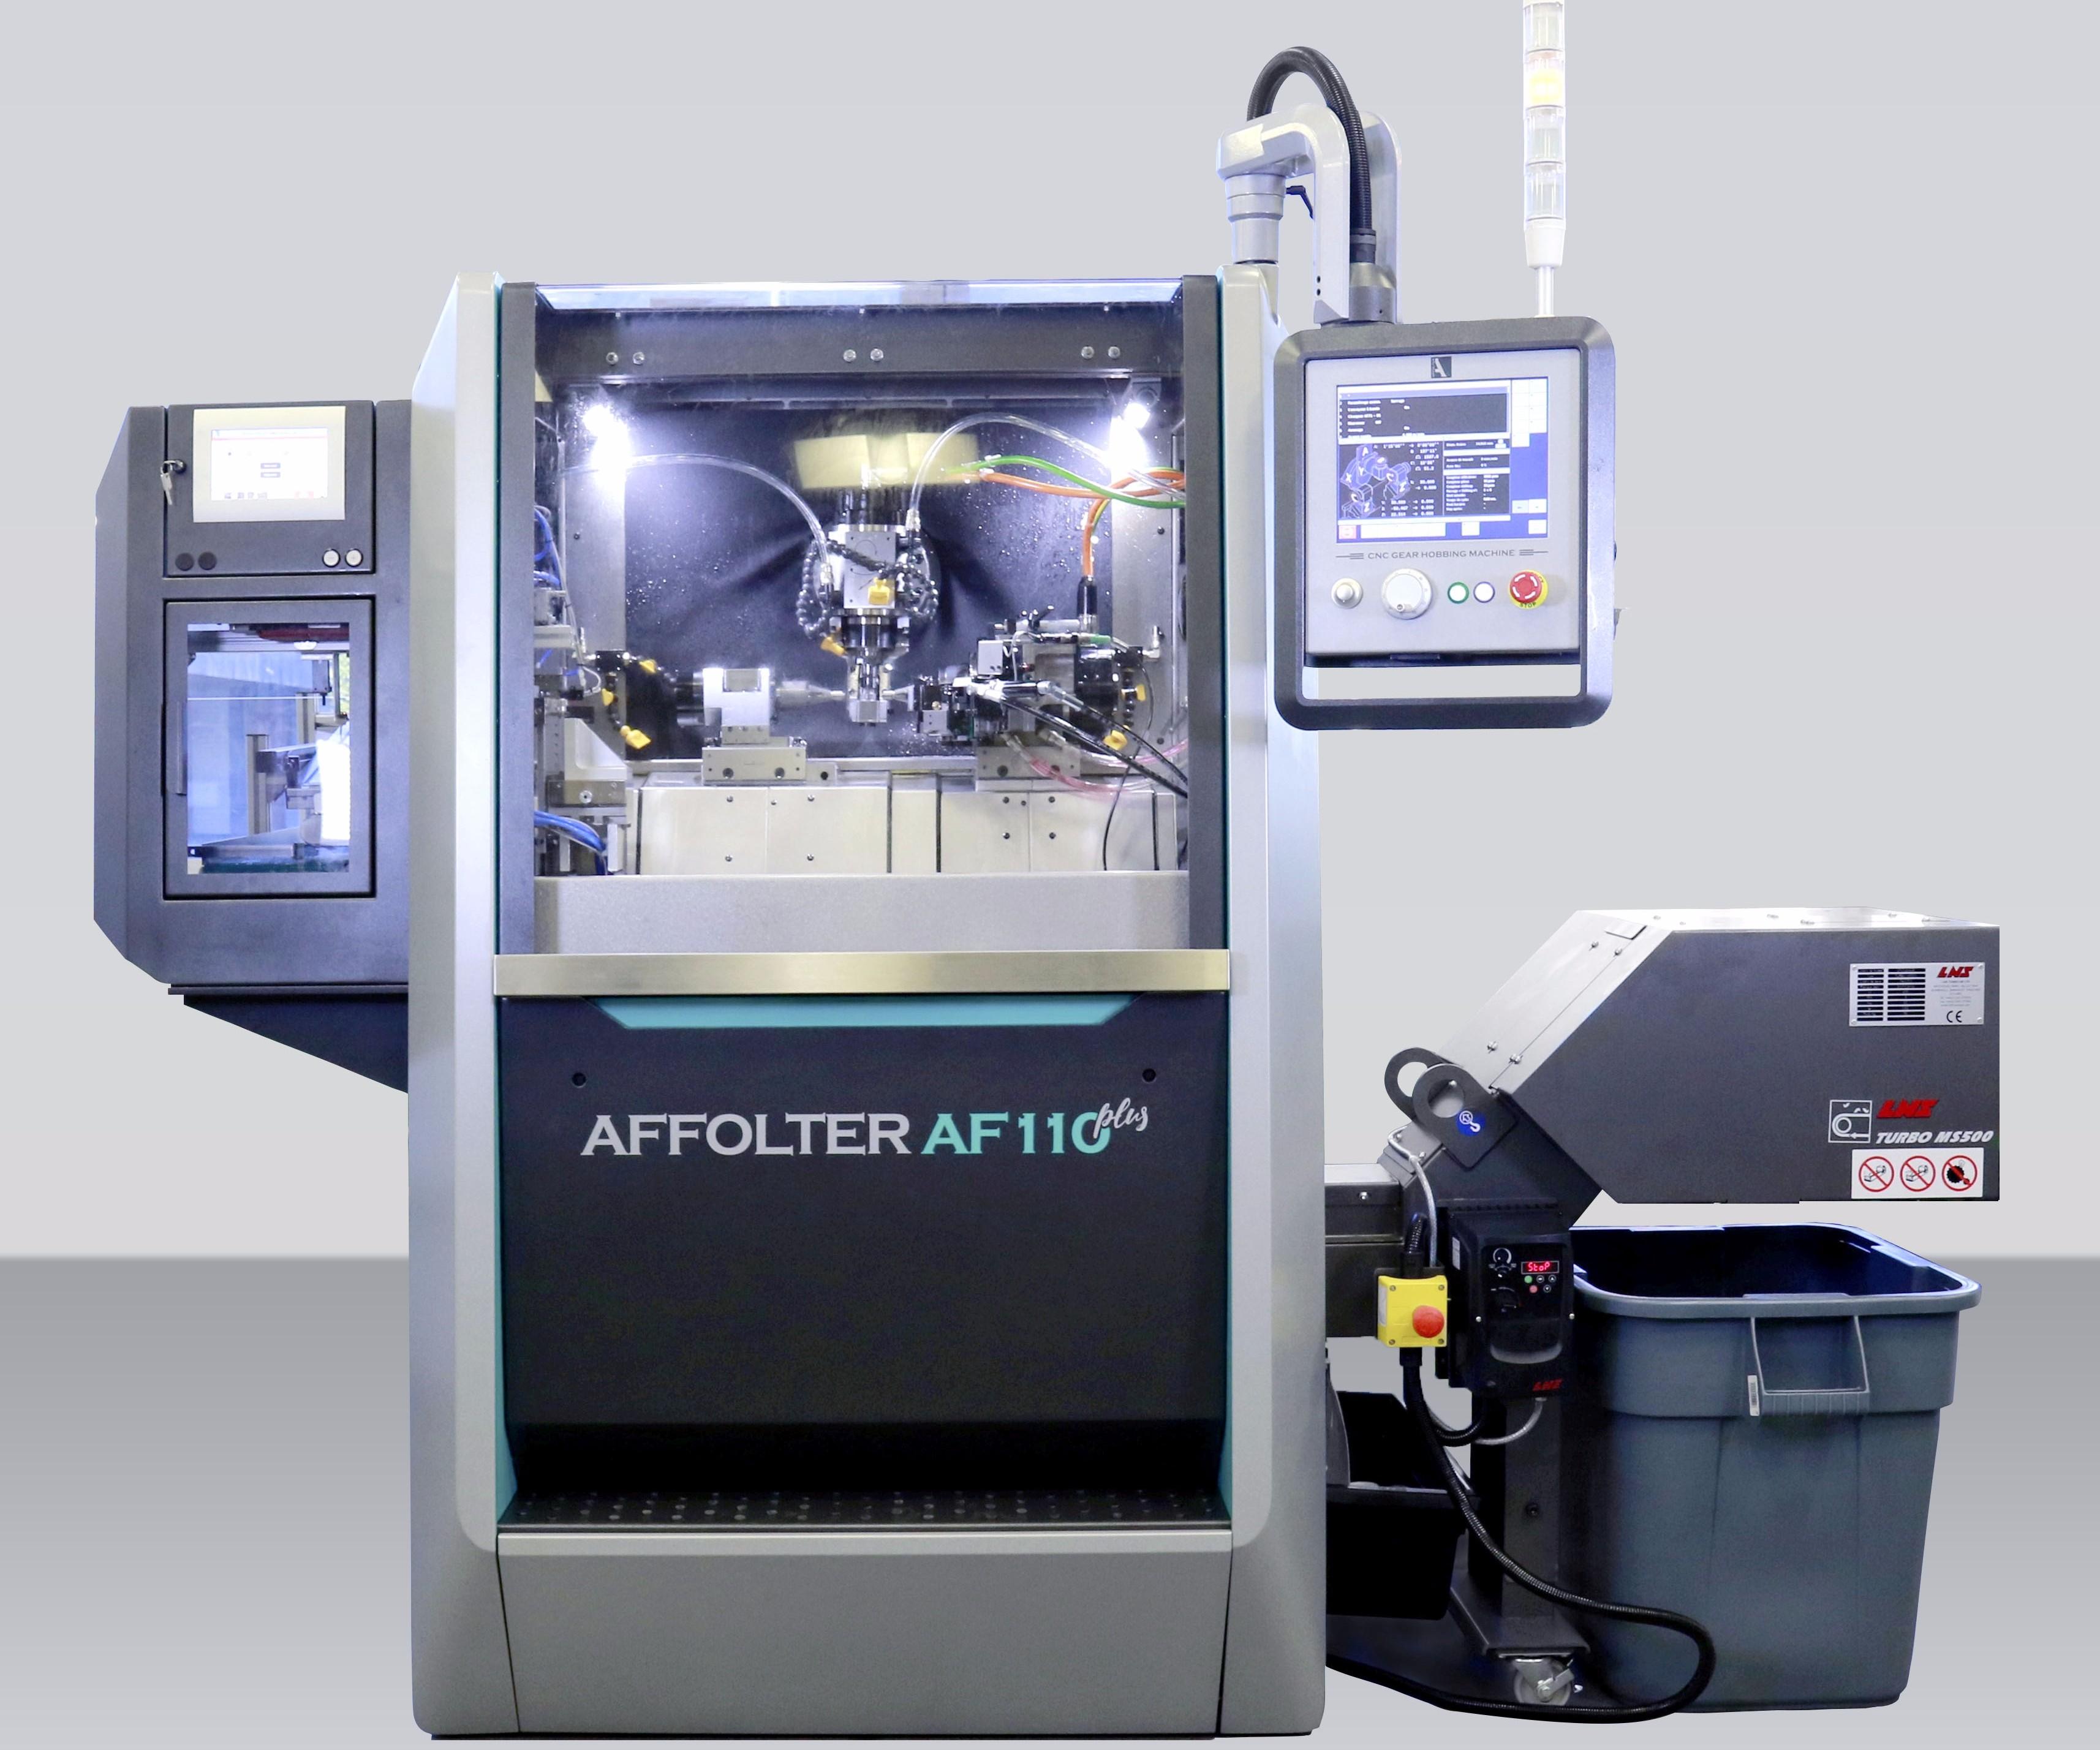 Affolter AF110 Plus